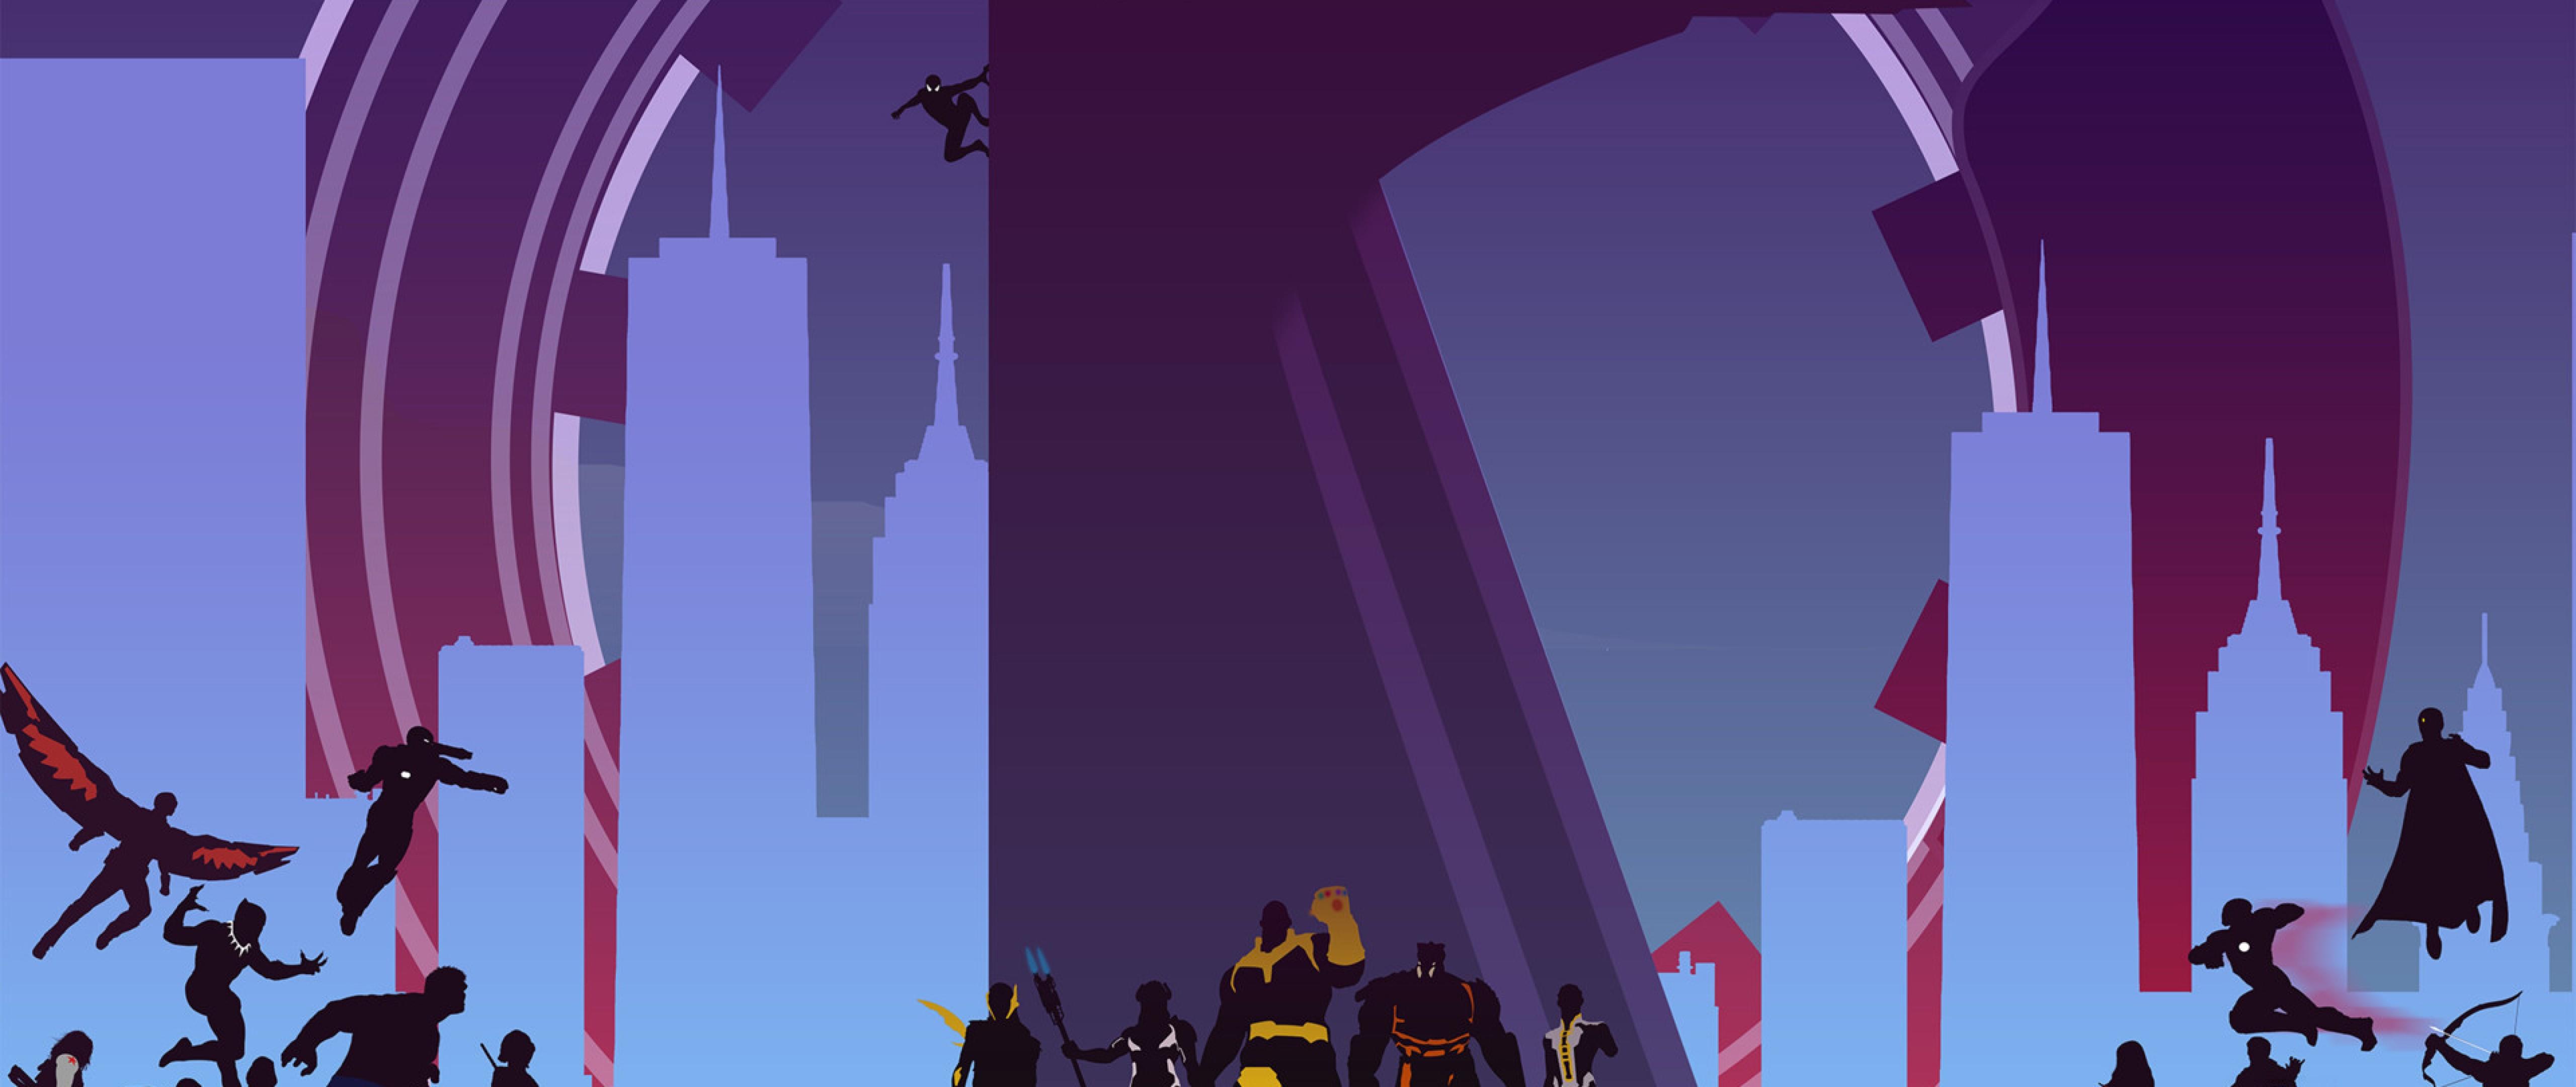 Avengers Infinity War Artwork Full Hd Wallpaper For Desktop And